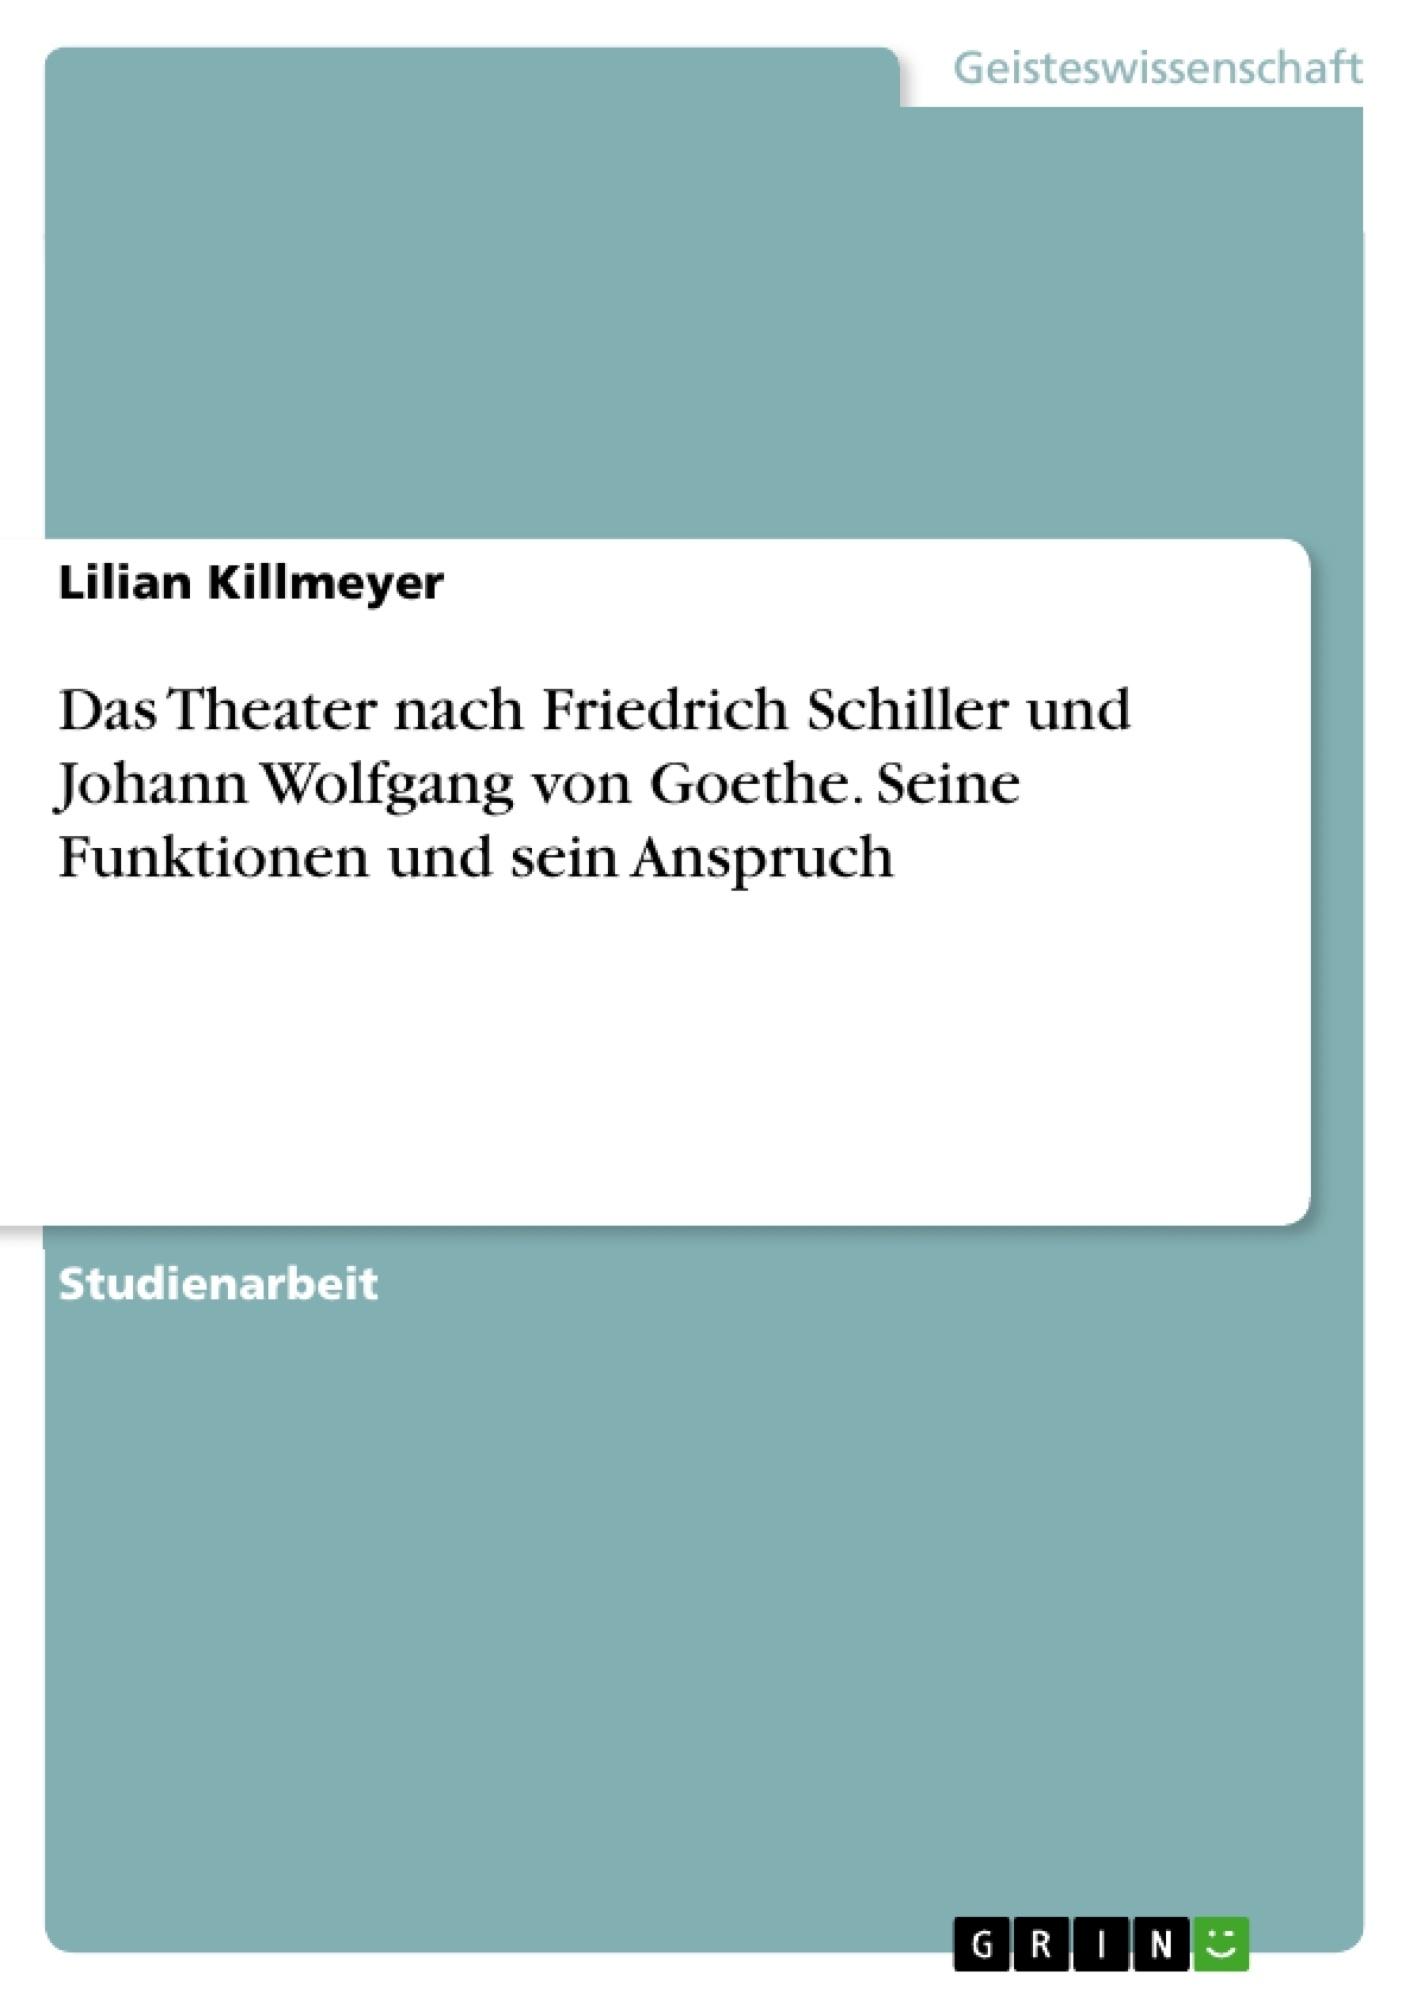 Titel: Das Theater nach Friedrich Schiller und Johann Wolfgang von Goethe. Seine Funktionen und sein Anspruch